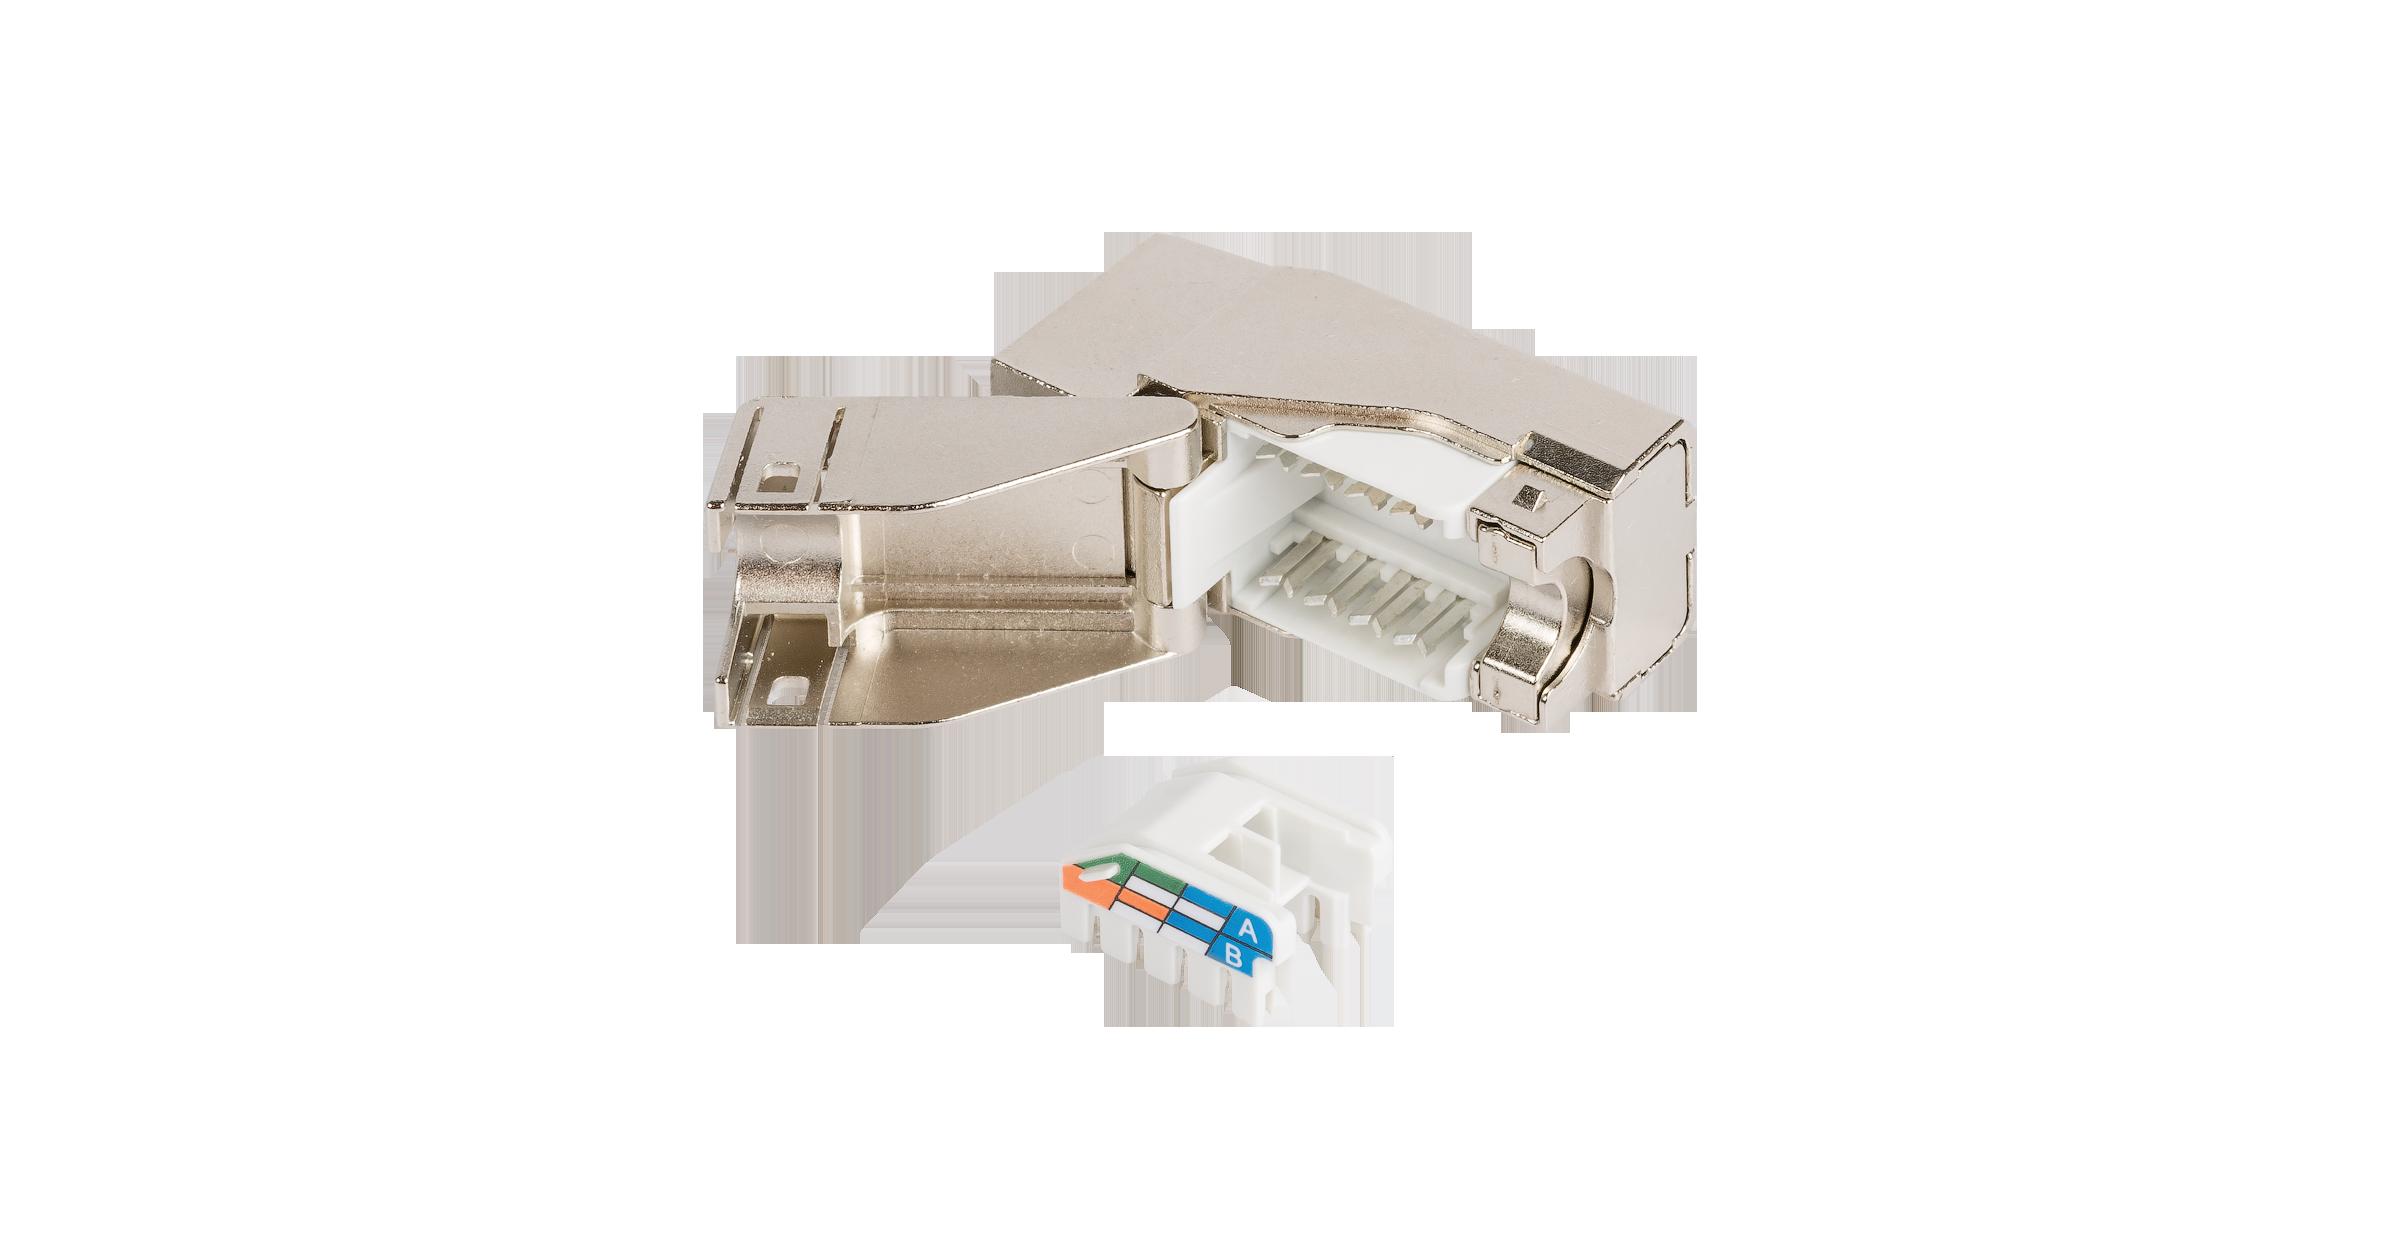 Модуль-вставка NIKOMAX типа Keystone, Кат.5е (Класс D), 100МГц, RJ45/8P8C, самозажимной, T568A/B, полный экран, металлик - гарантия: 5 лет расширенная / 25 лет системная